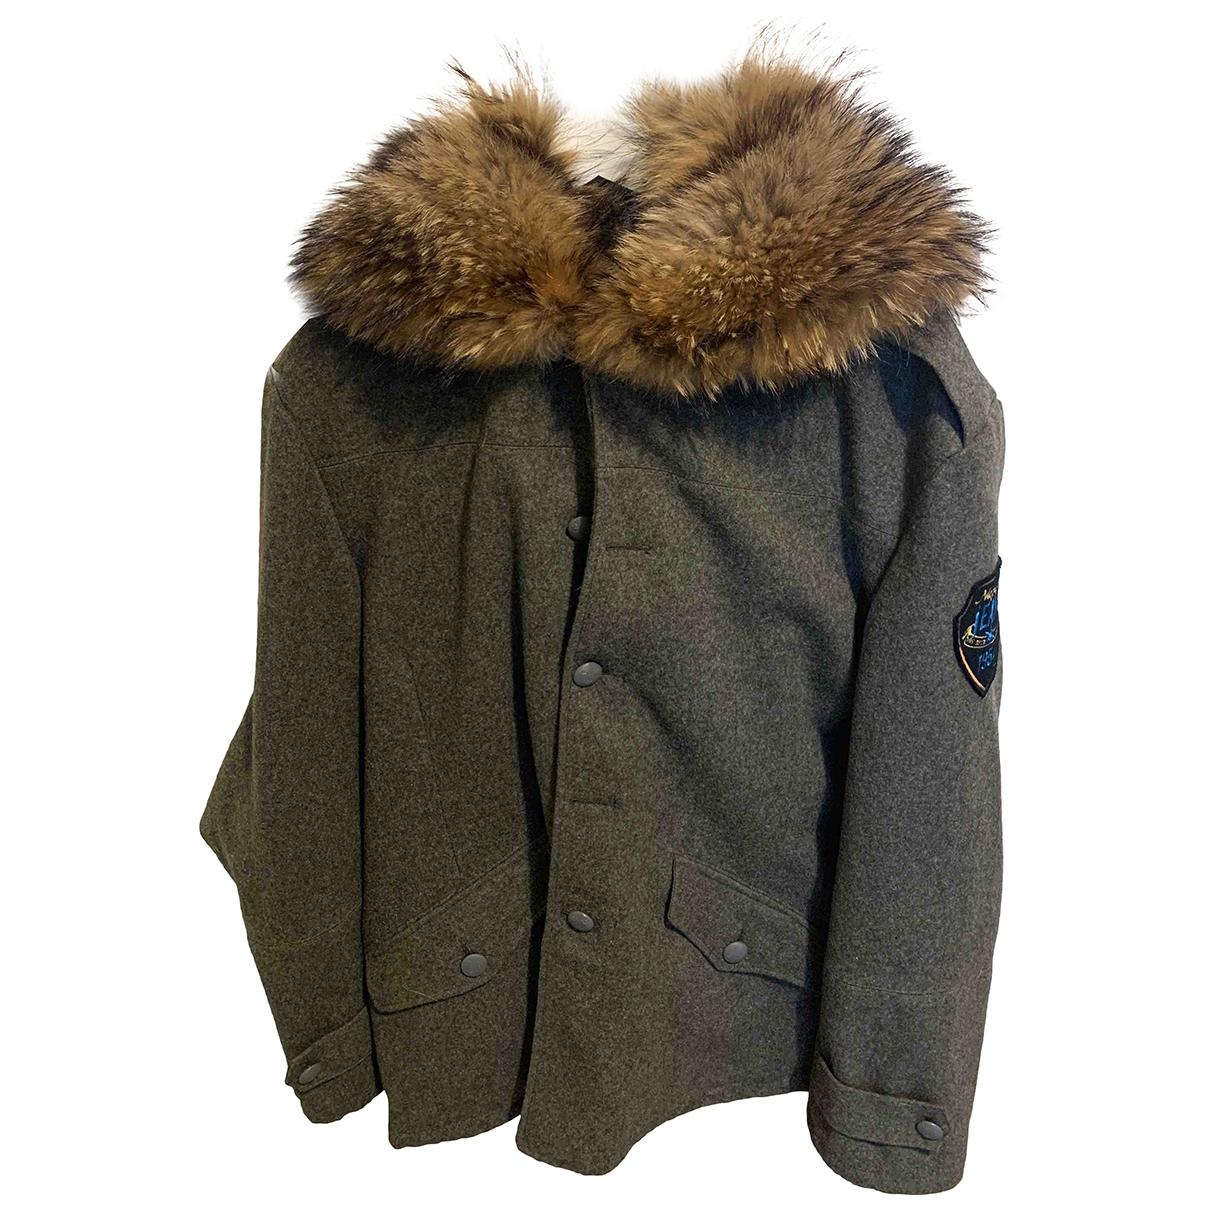 Napapijri - Manteau   pour homme en laine - gris